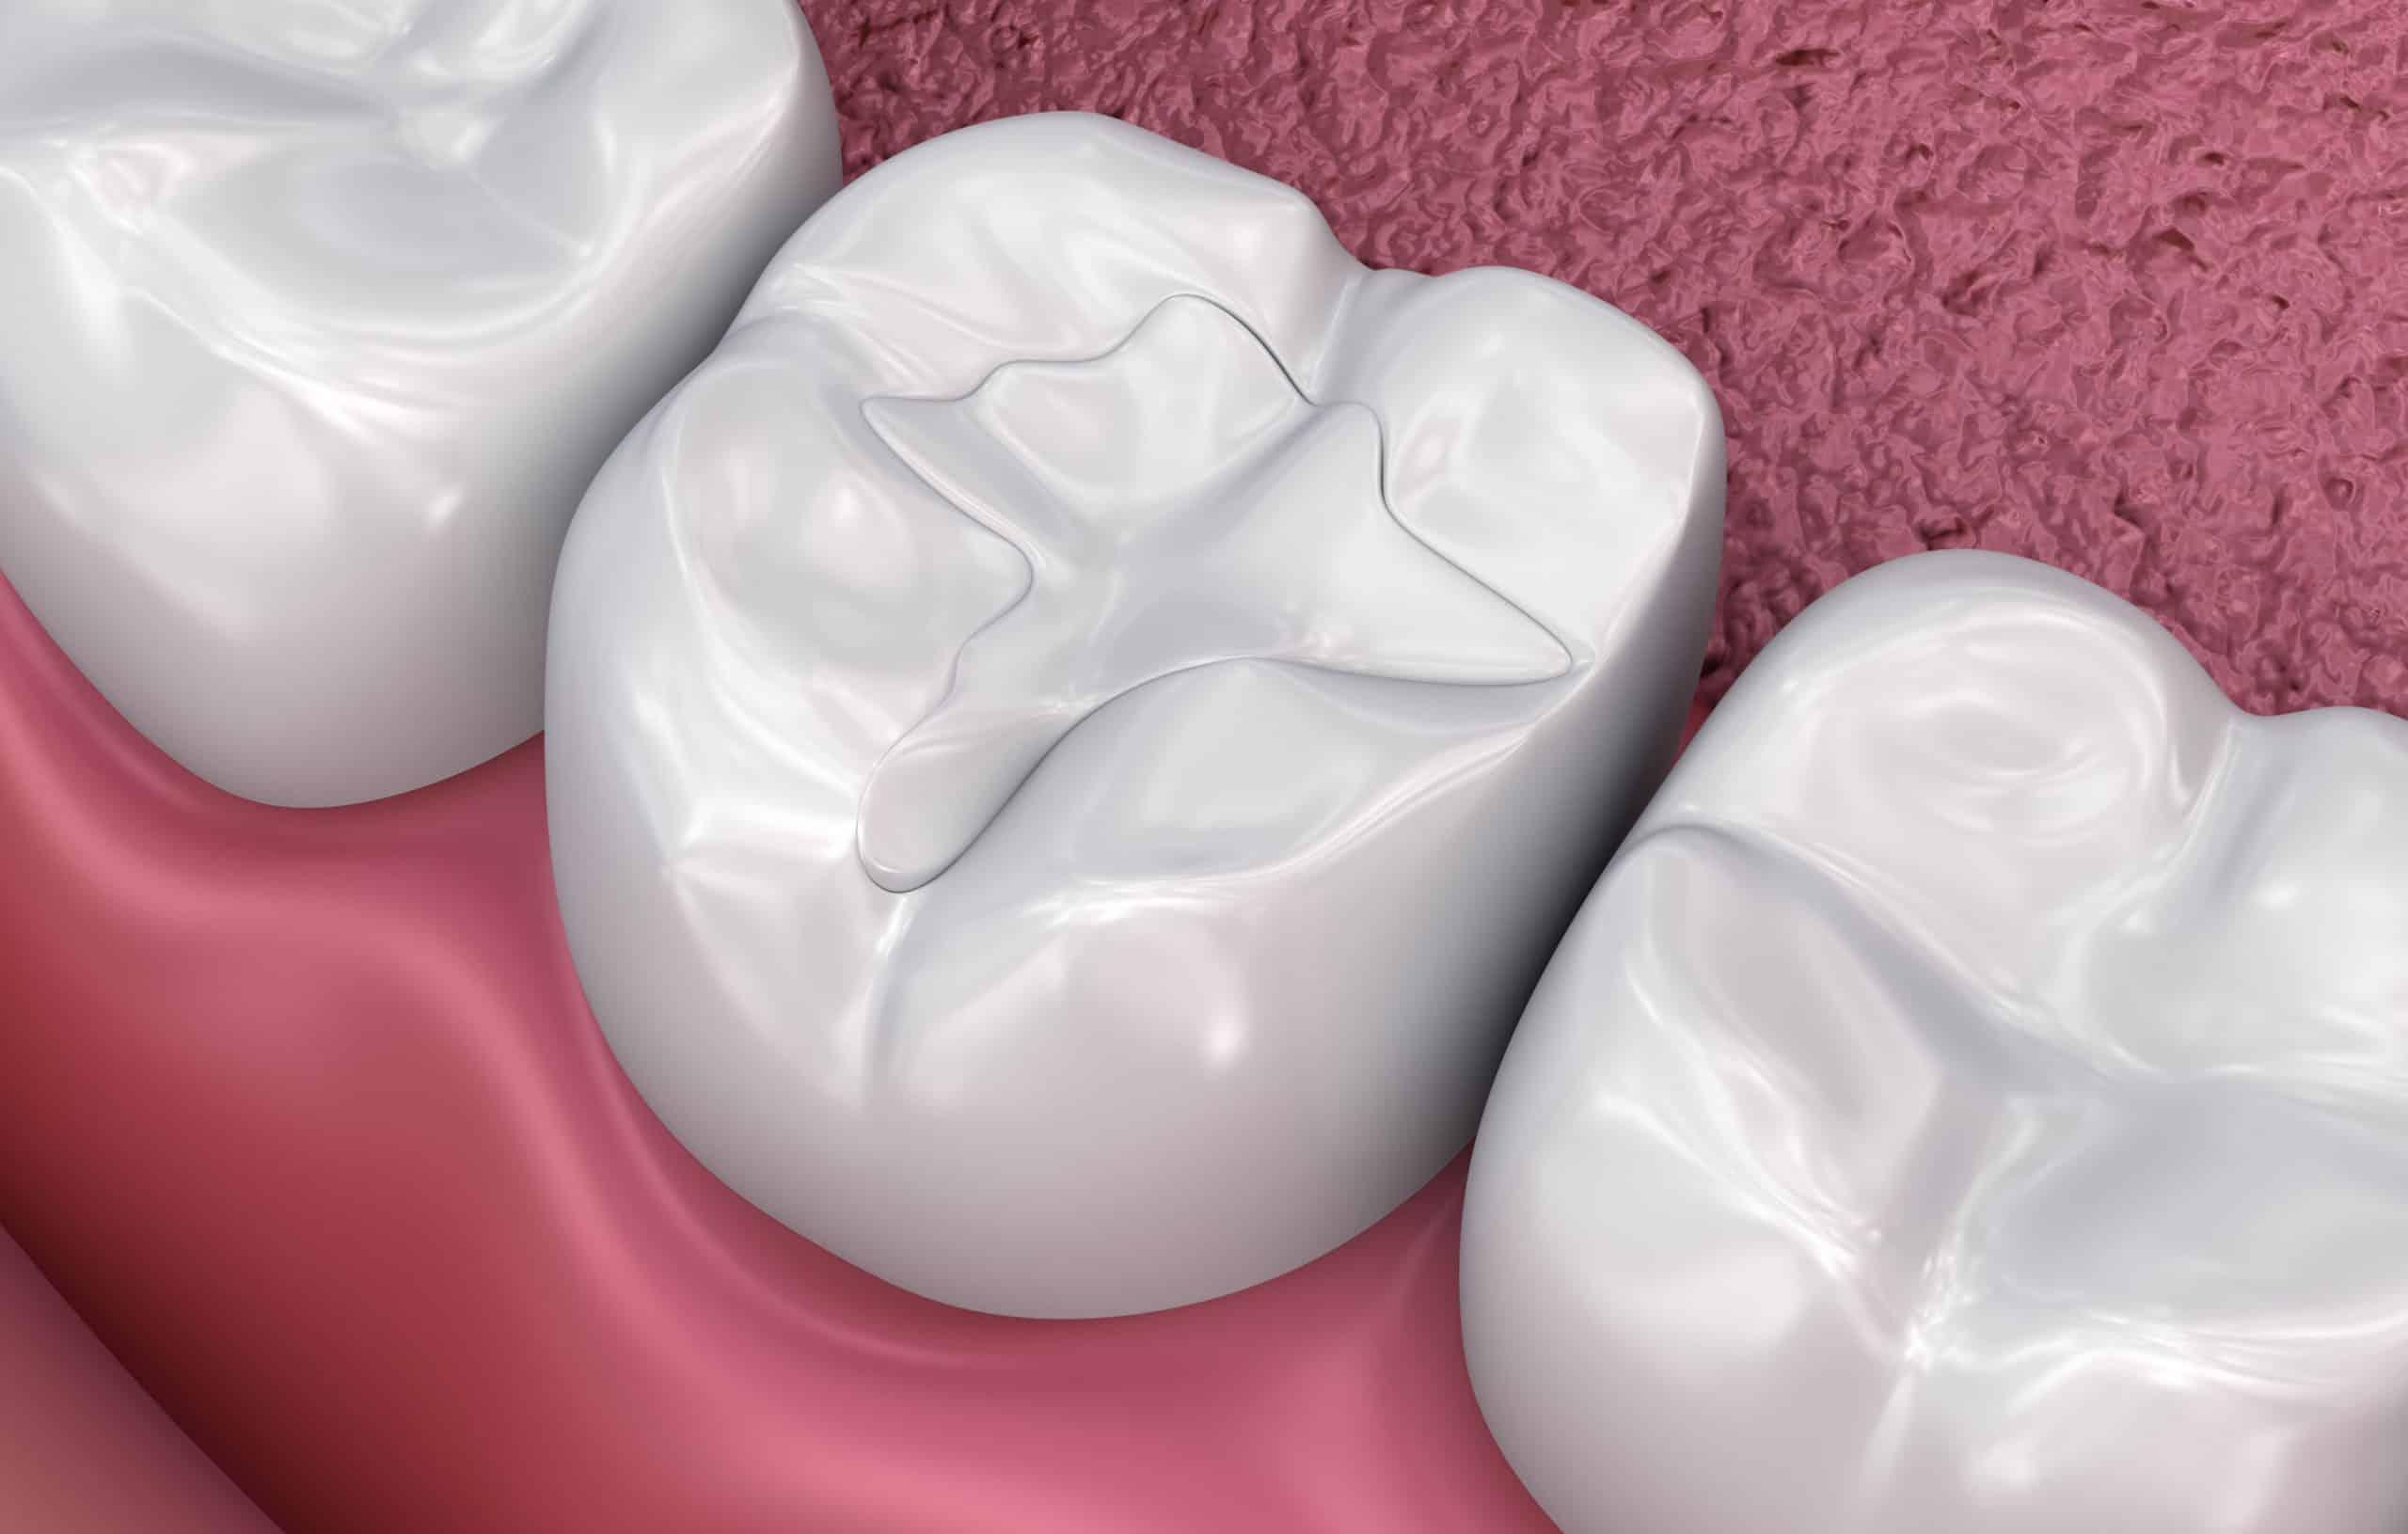 Best Dentist In Tulsa